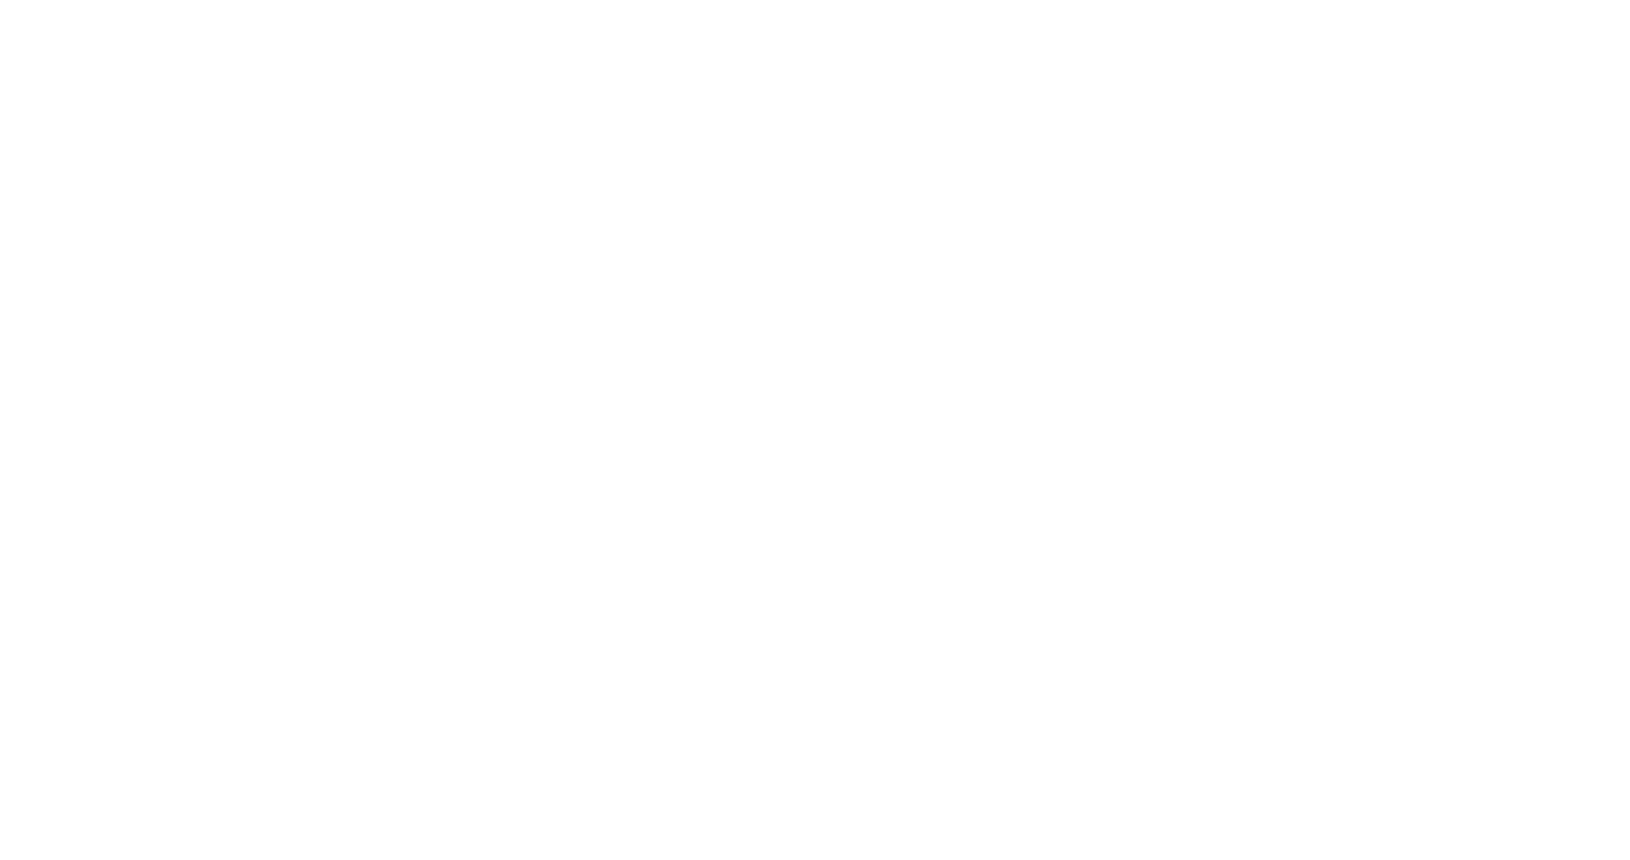 Selle Italia_fanpage